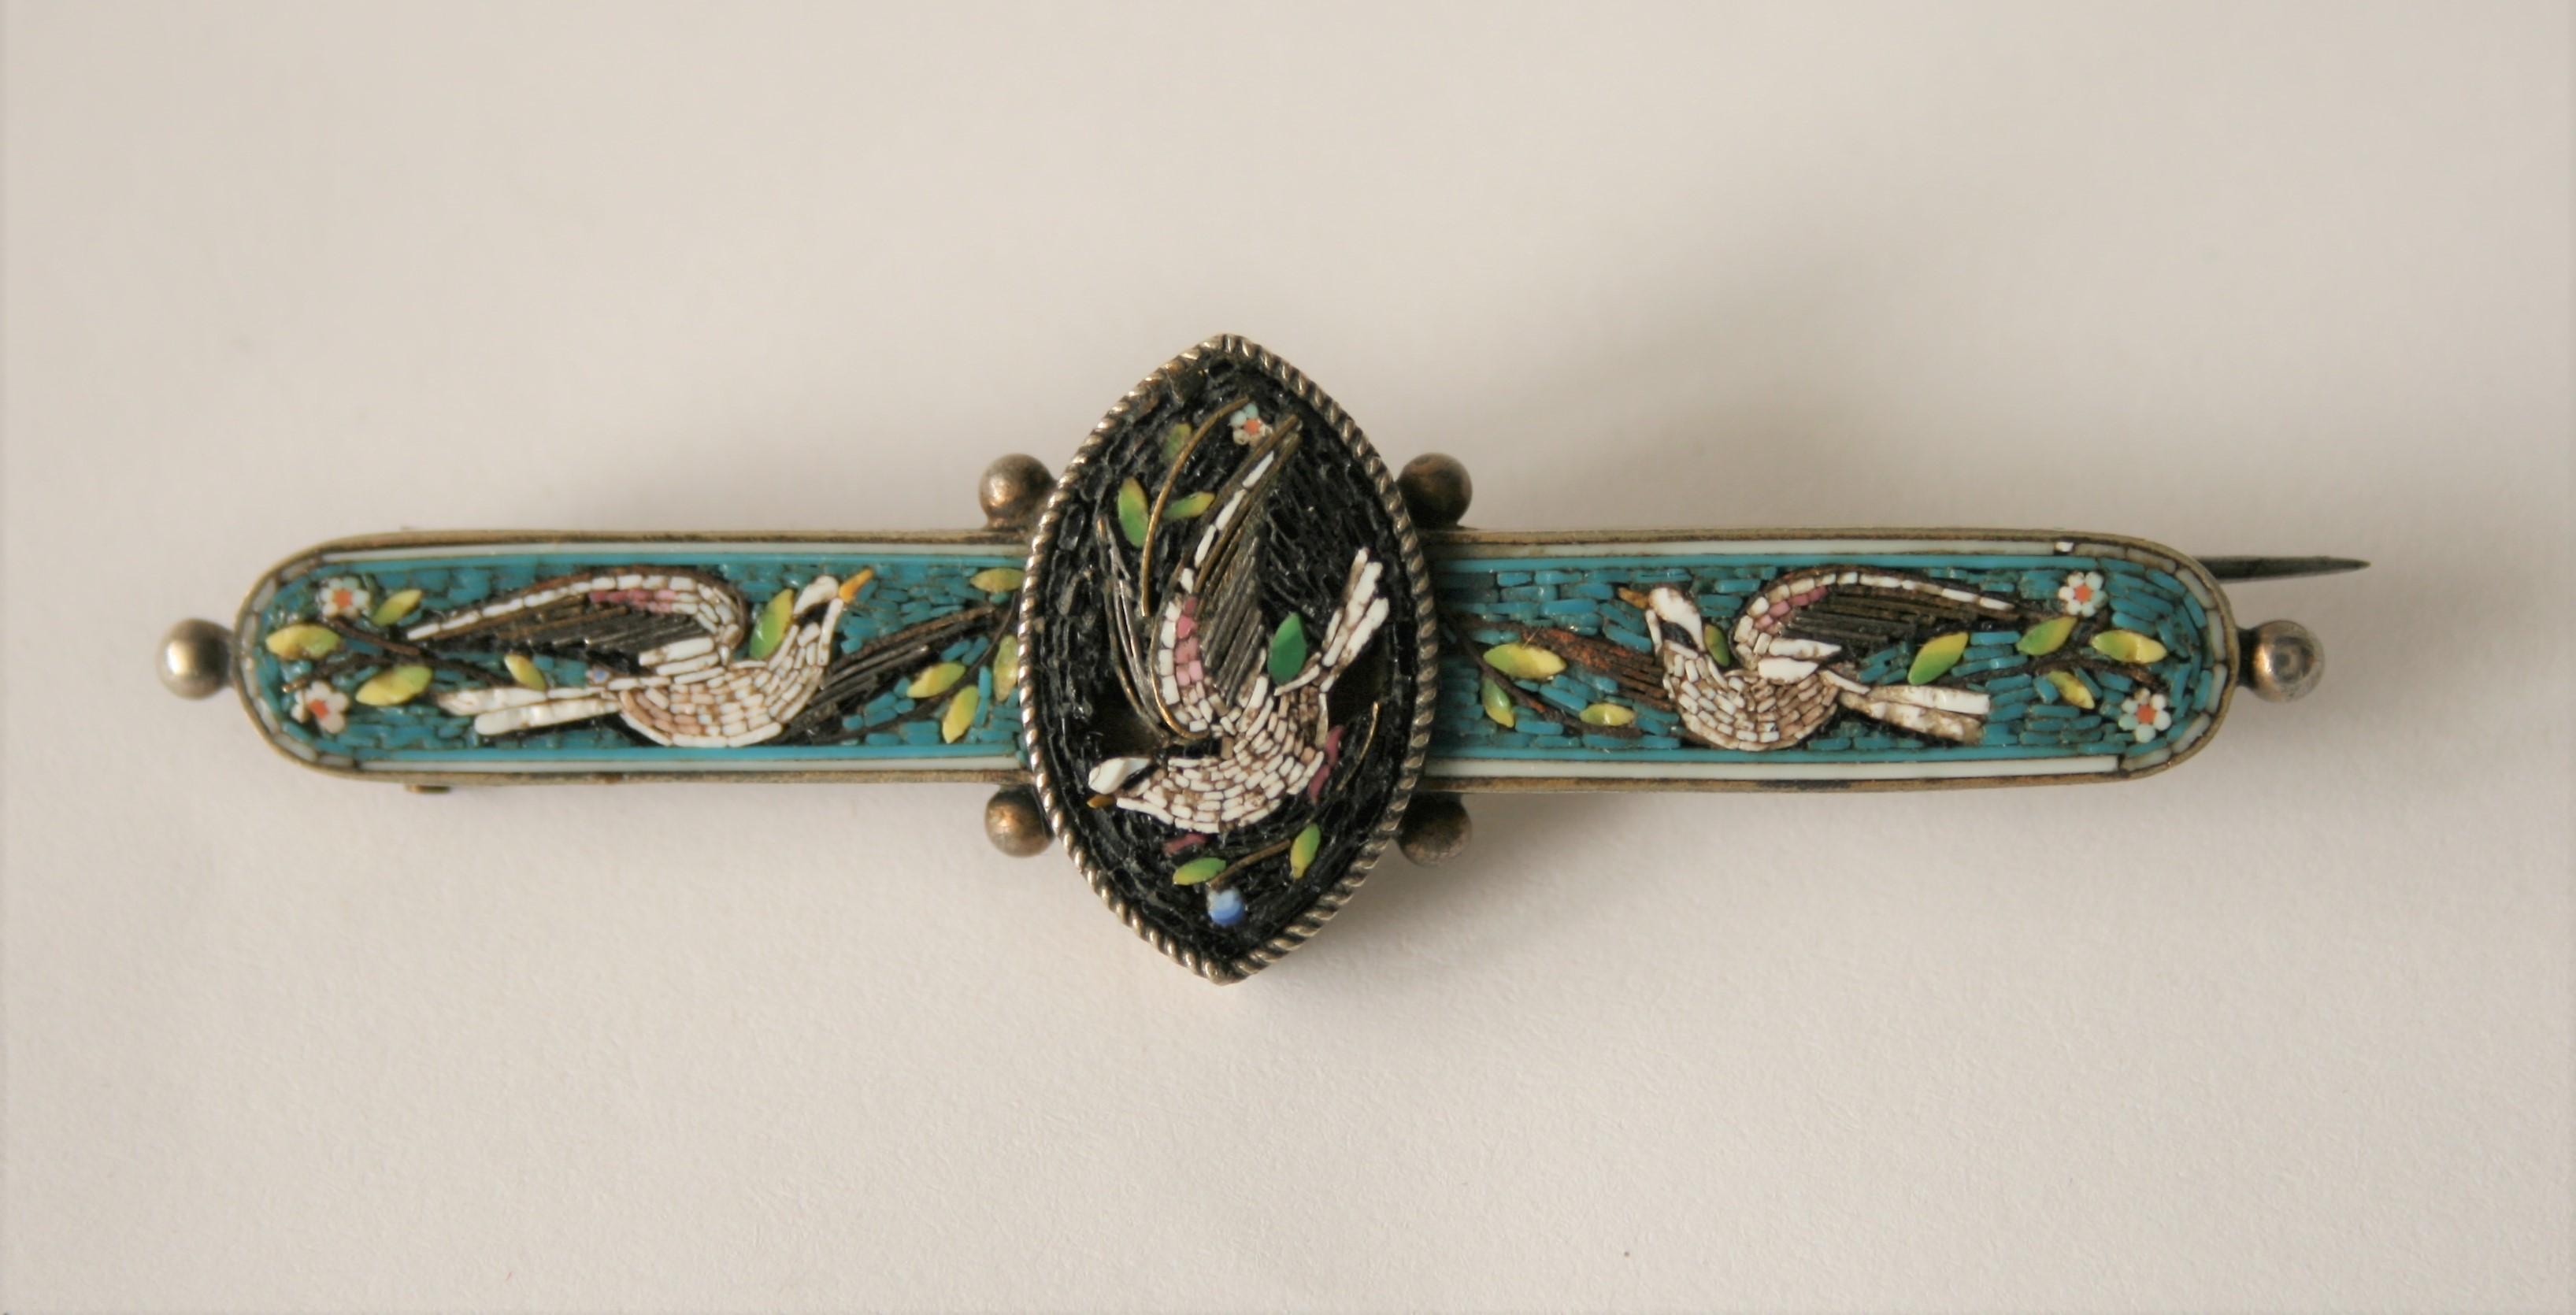 Lot 32 - Broche émaillée à motifs d'oiseaux et de fleurs sur fond turquoise et noir, grande [...]